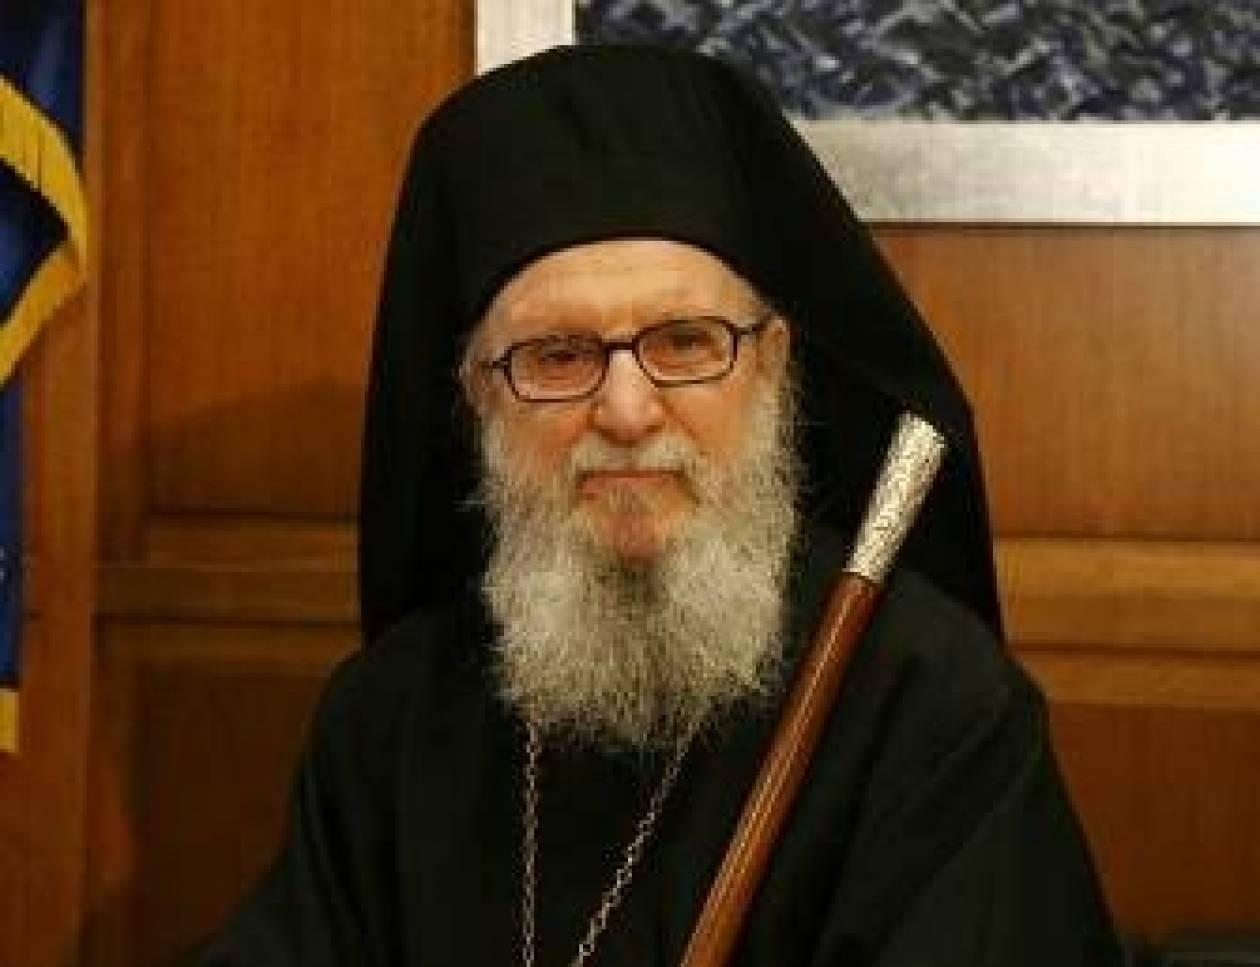 Αρχιεπίσκοπος Αμερικής: Είμαστε μαζί σας εμπράκτως